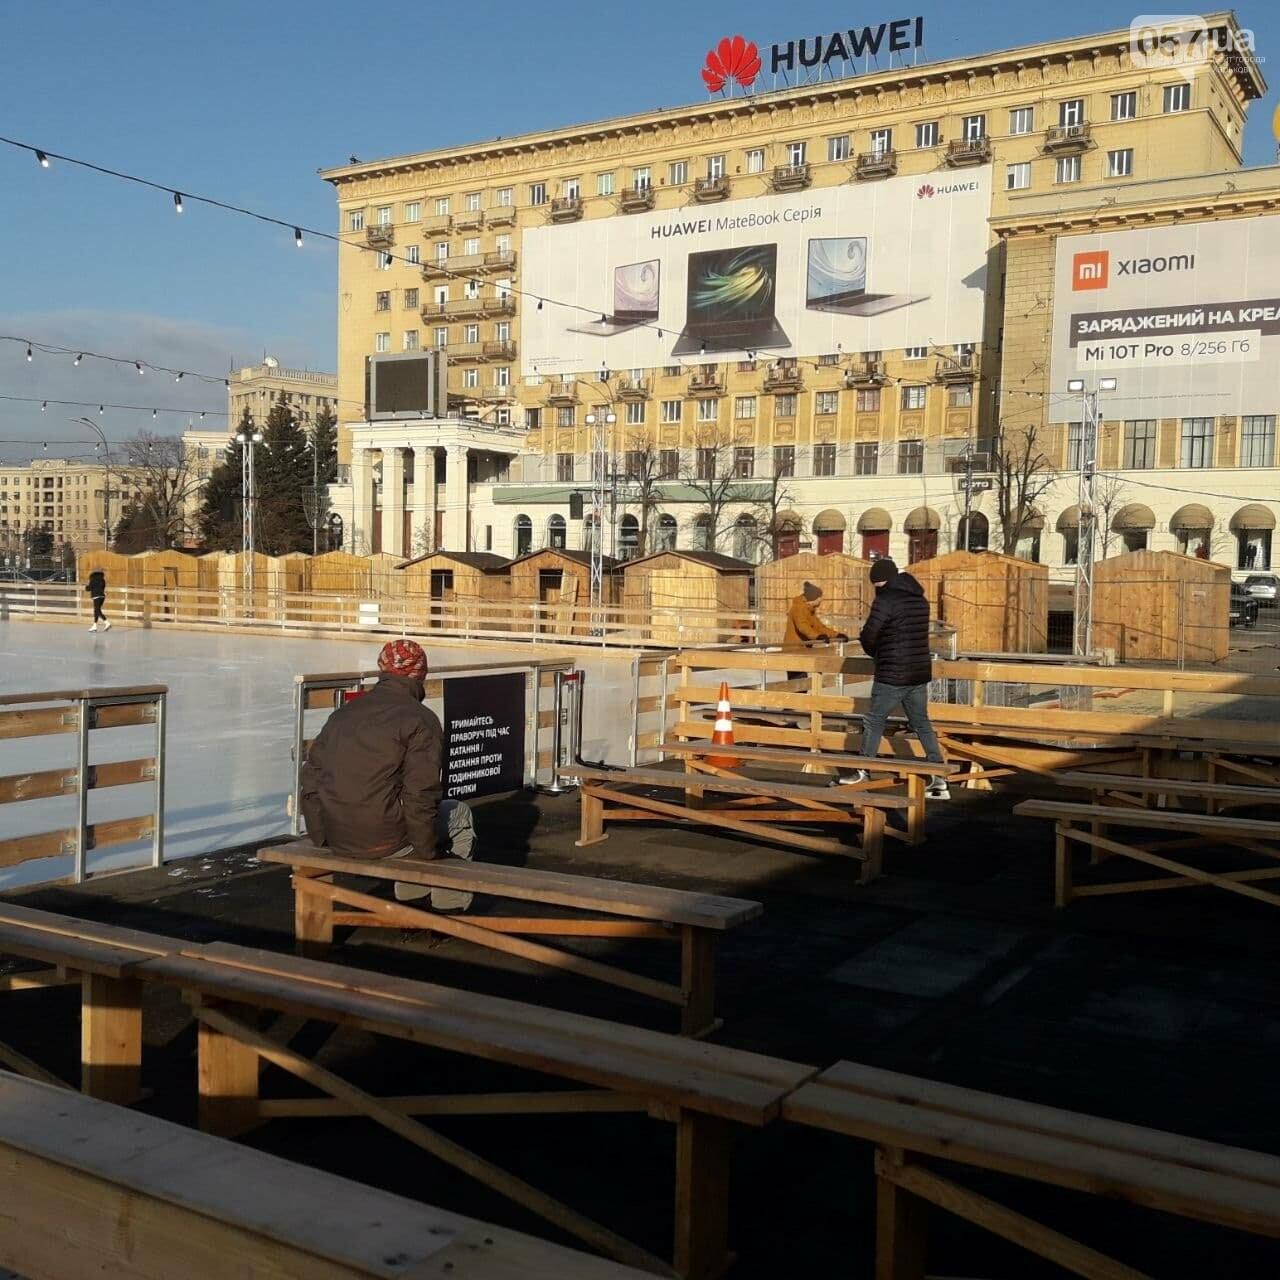 В Харькове на центральной площади открылся каток: цены, услуги и время работы, - ФОТО, фото-2